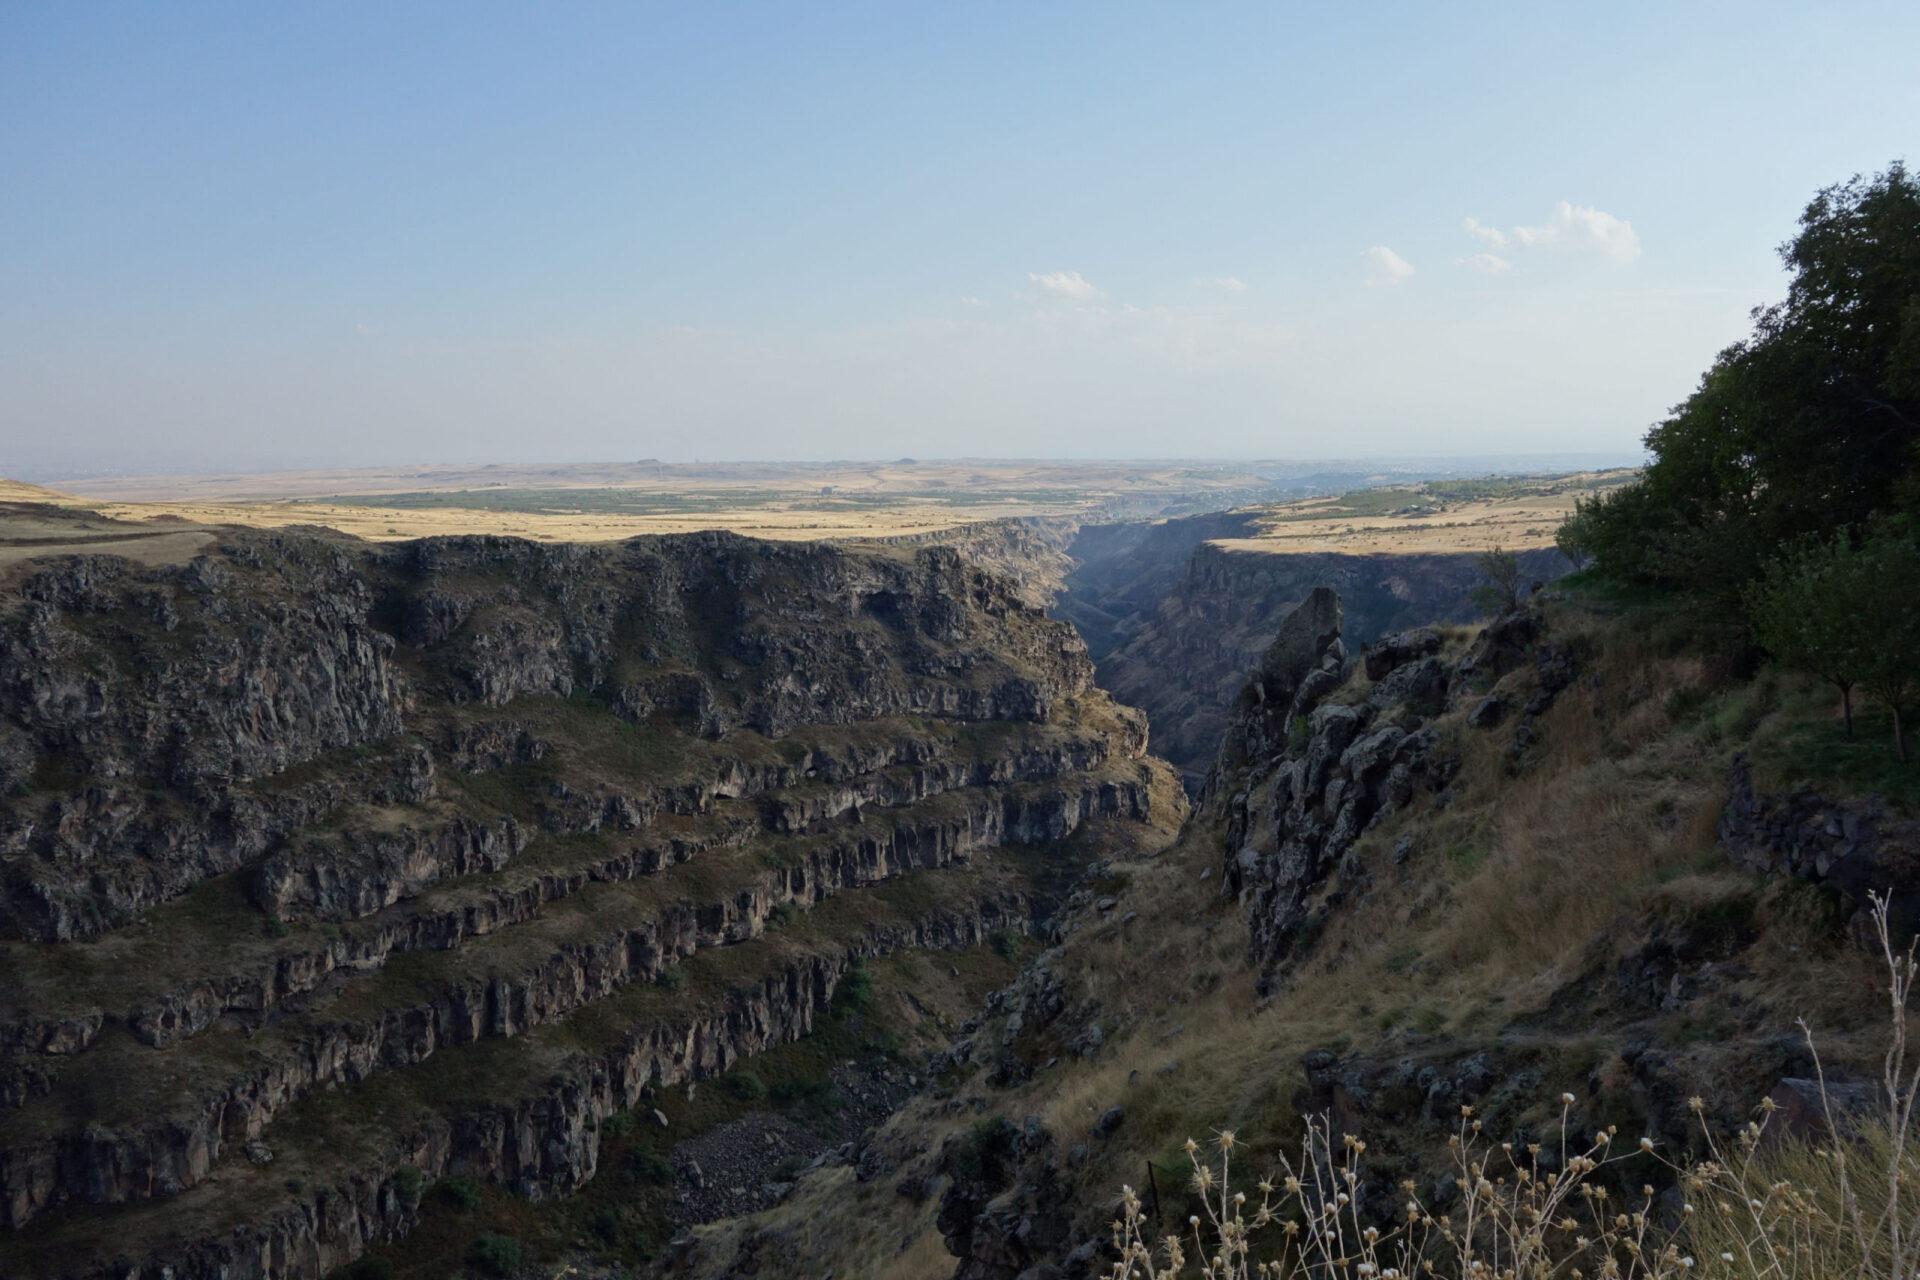 Армения. 1400км наавто. Часть 3. Монастыри Сагмосаванк иОванаванк